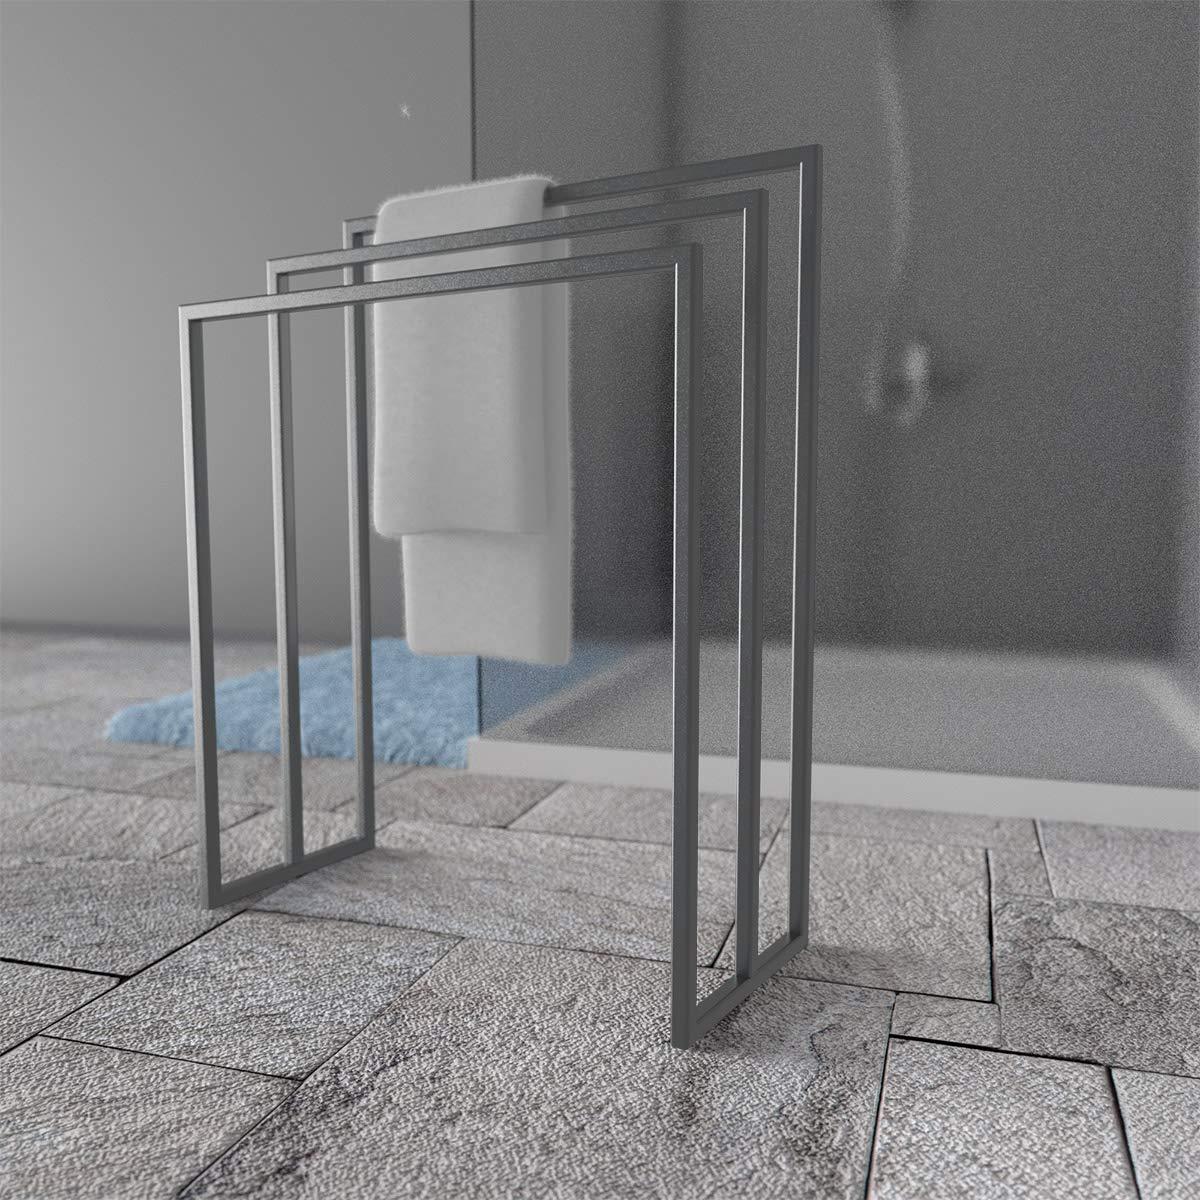 HOLZBRINK Metall Handtuchhalter für Badezimmer Kleiderständer Freistehender Handtuchständer mit 3 3 3 Stangen, Perldunkelgrau, 82x70x30 cm (HxBxT), HLMH-02B-82-70-9023 B07PVJF5QP Handtuchstnder d1efd7